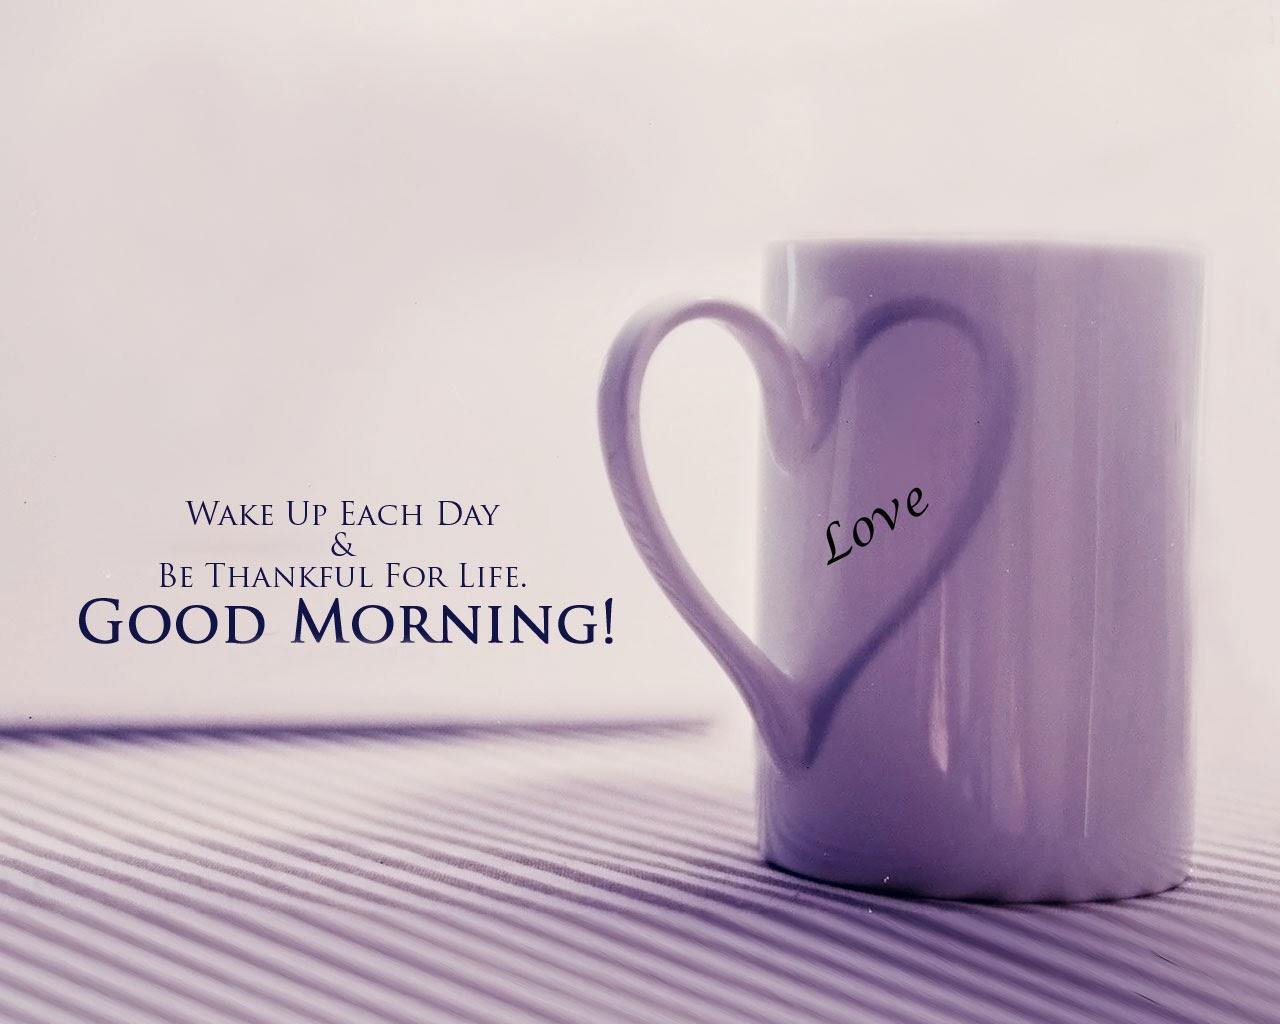 صور صباح الخير وصور للصباح (57)